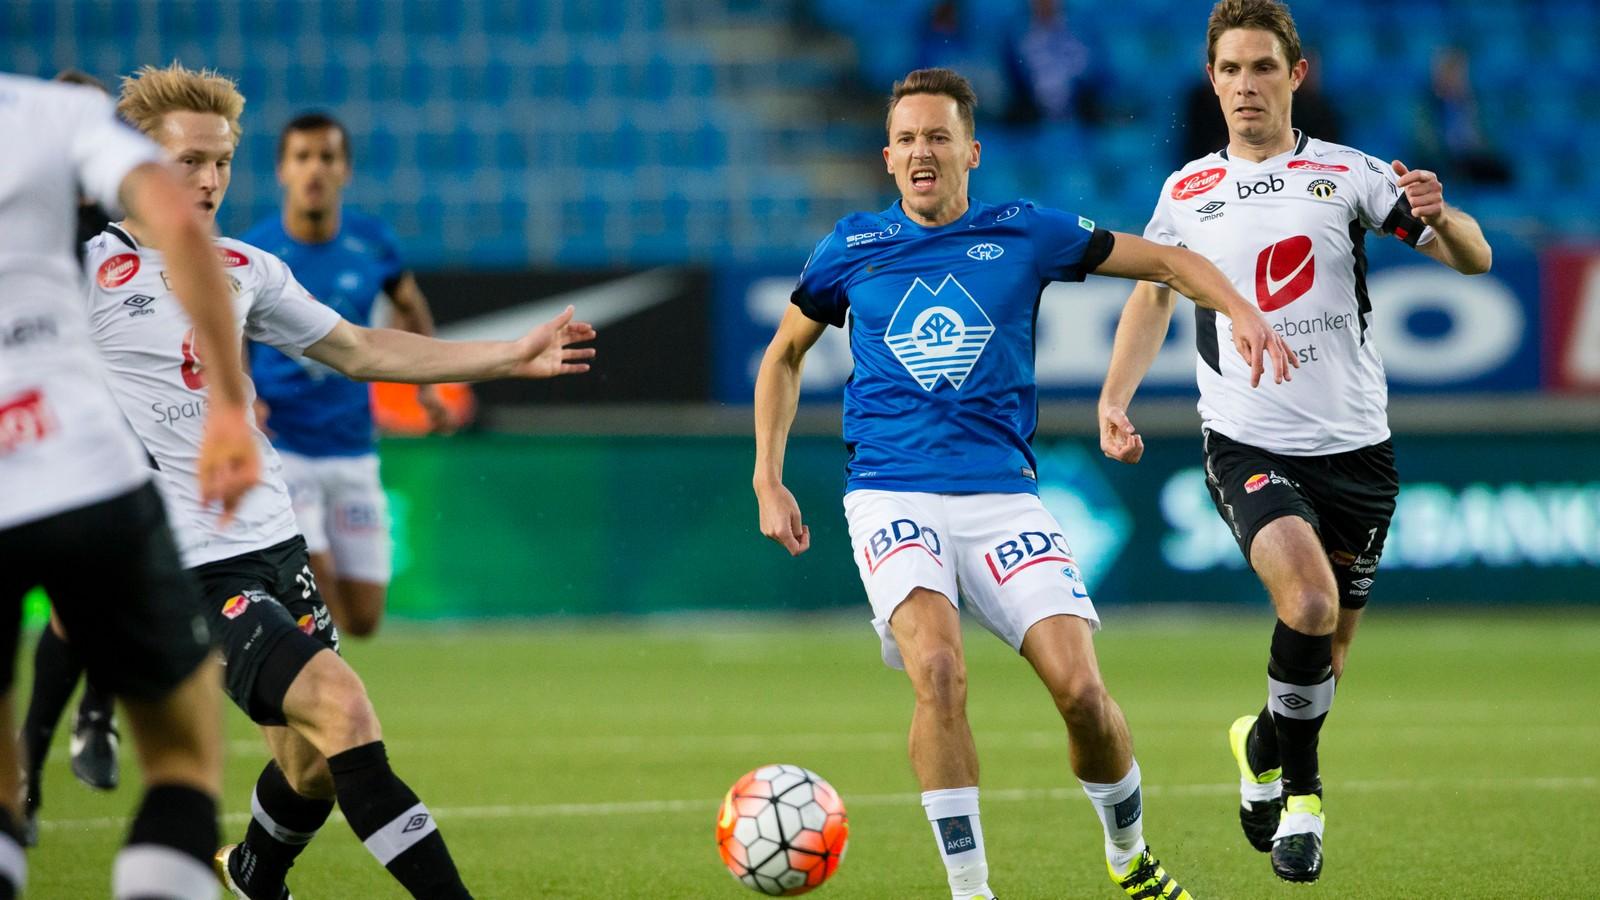 Mattias Moström og Rune Bolseth (t.h.) i eliteseriekampen mellom Molde og Sogndal på Aker Stadion.